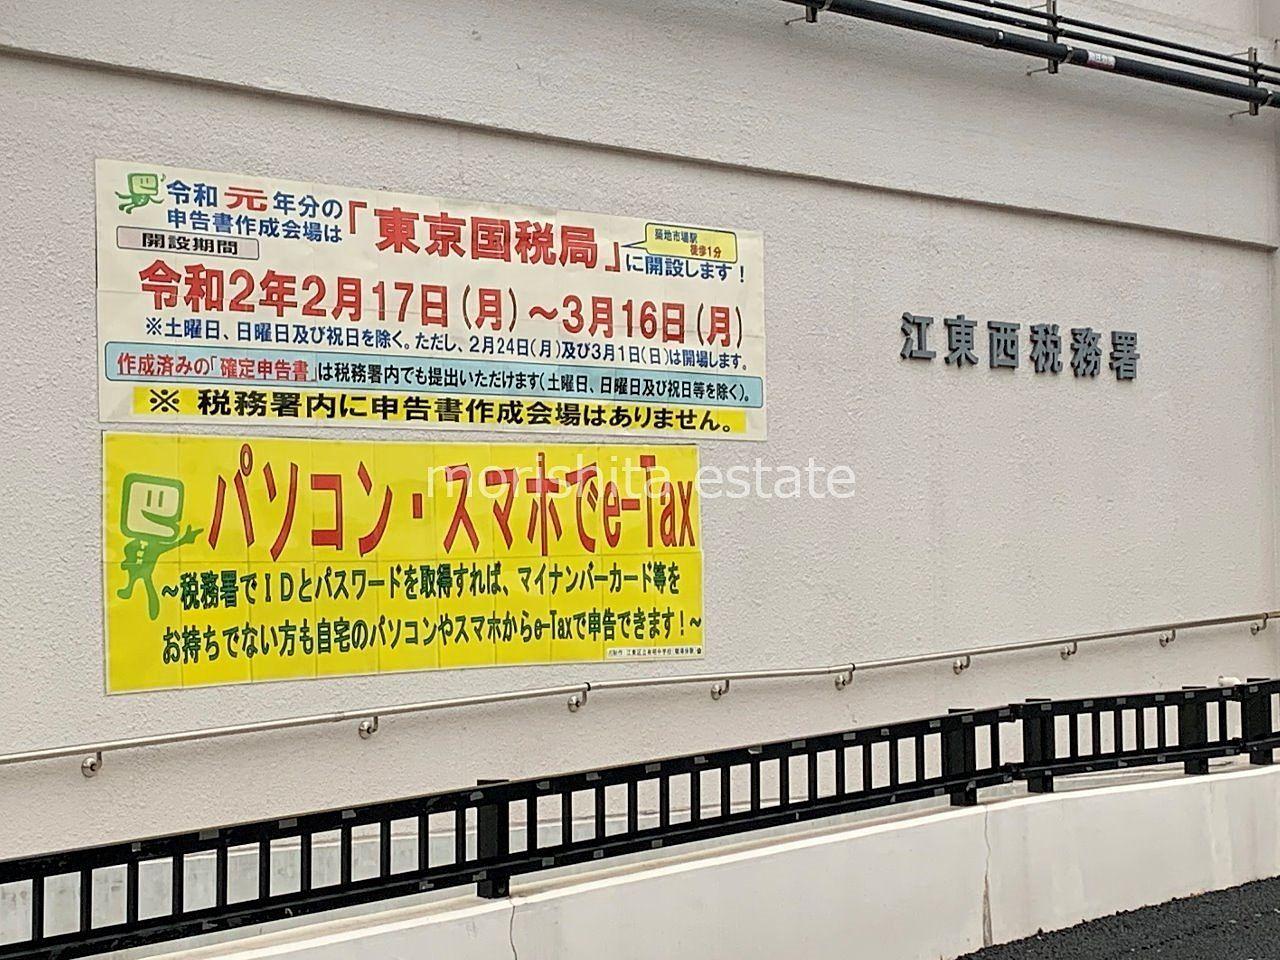 確定申告 期間延長 江東西税務署 写真